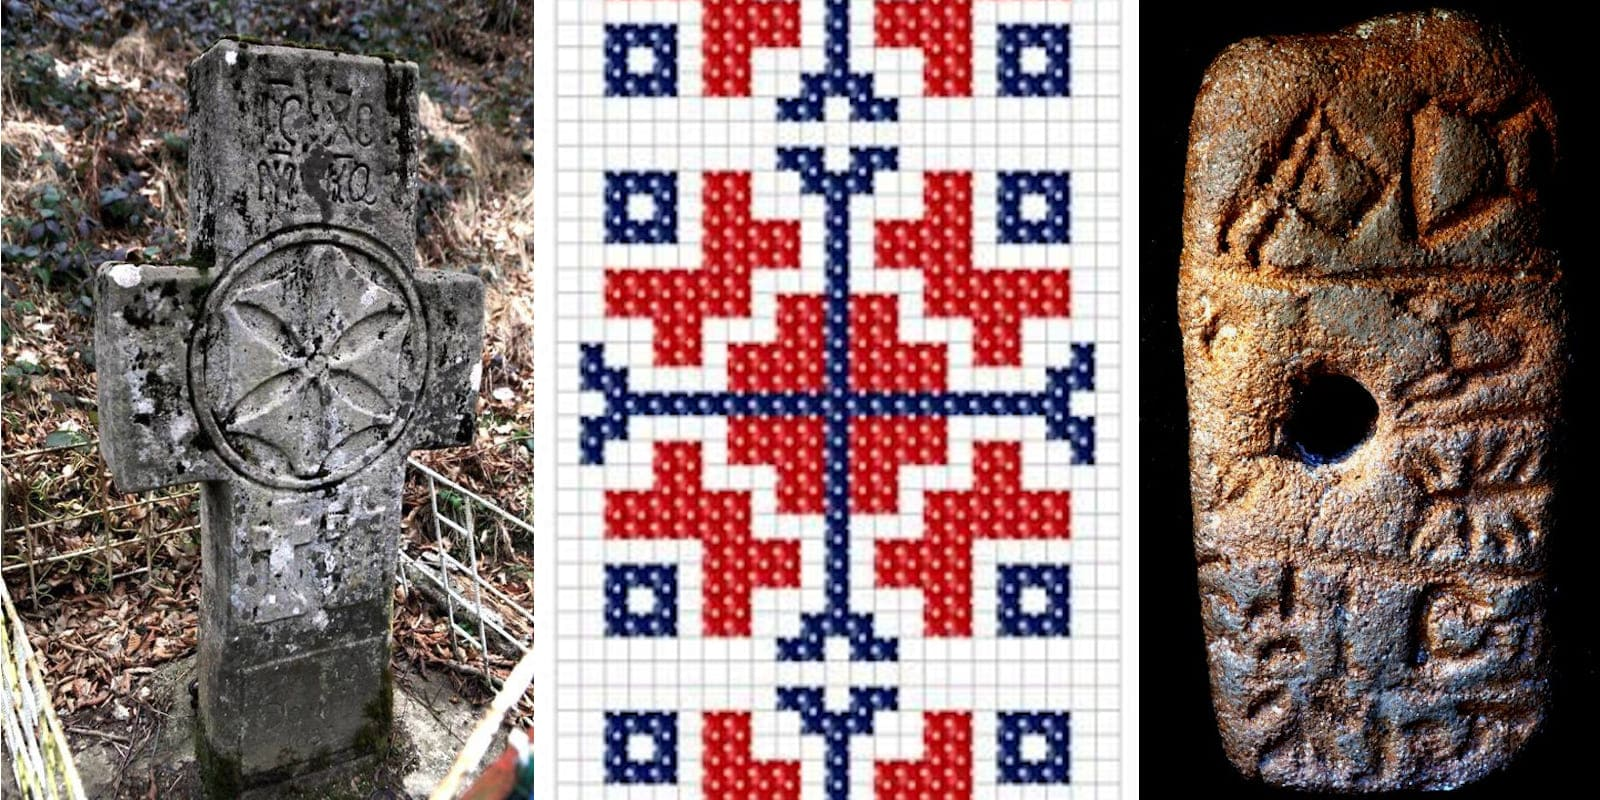 https://ziarul.romania-rationala.ro/control/articole/articole/crucea-osatura-octogonului.jpg